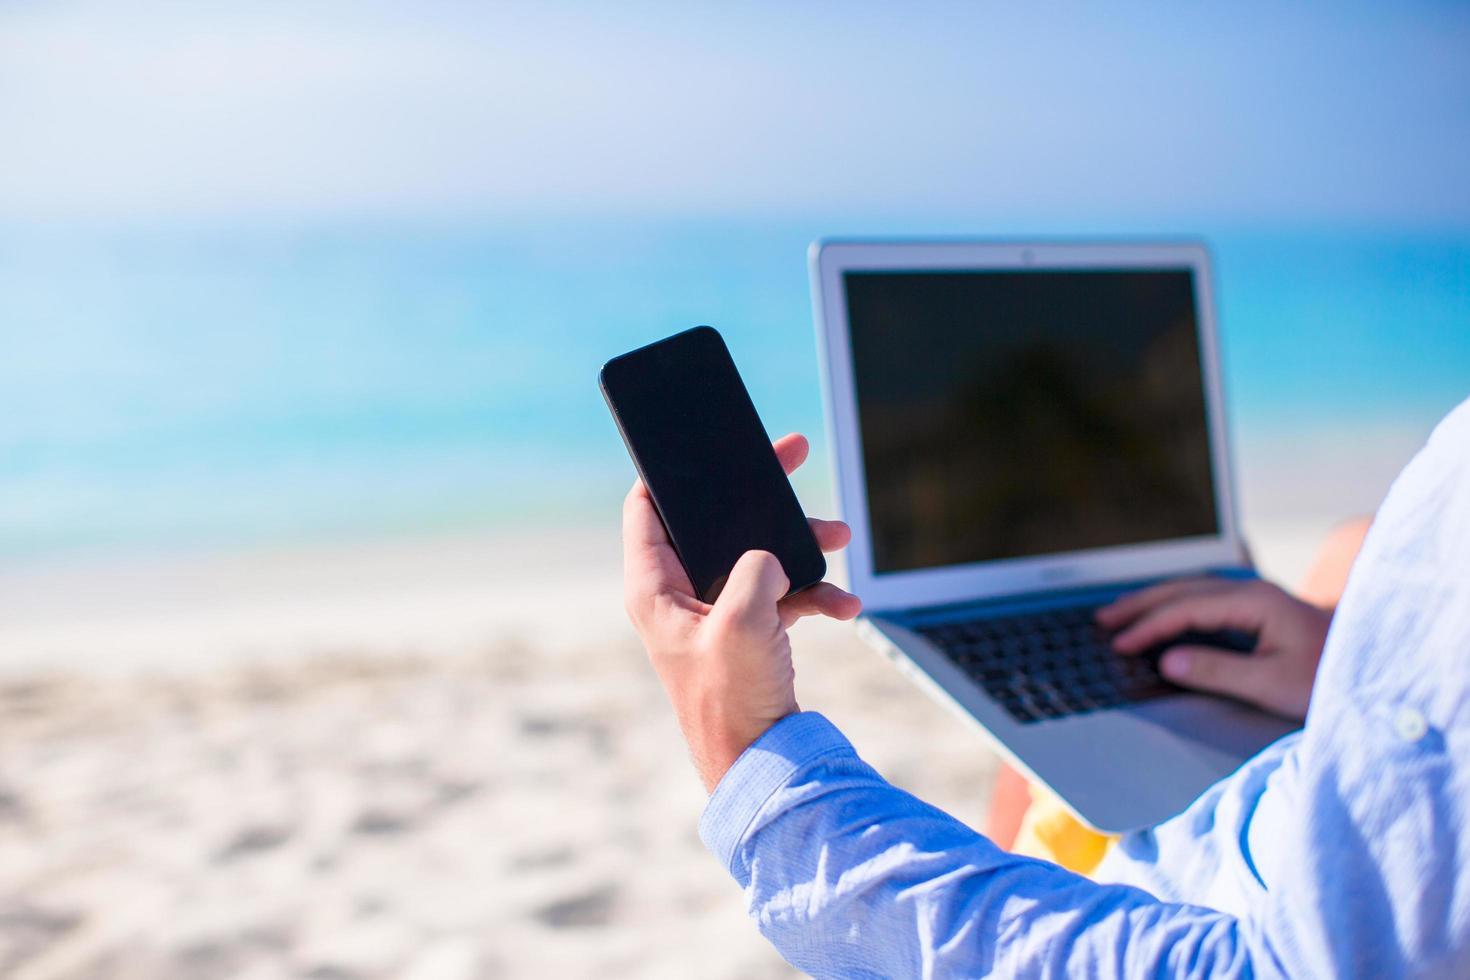 primo piano di una persona che utilizza un telefono e un laptop su una spiaggia foto